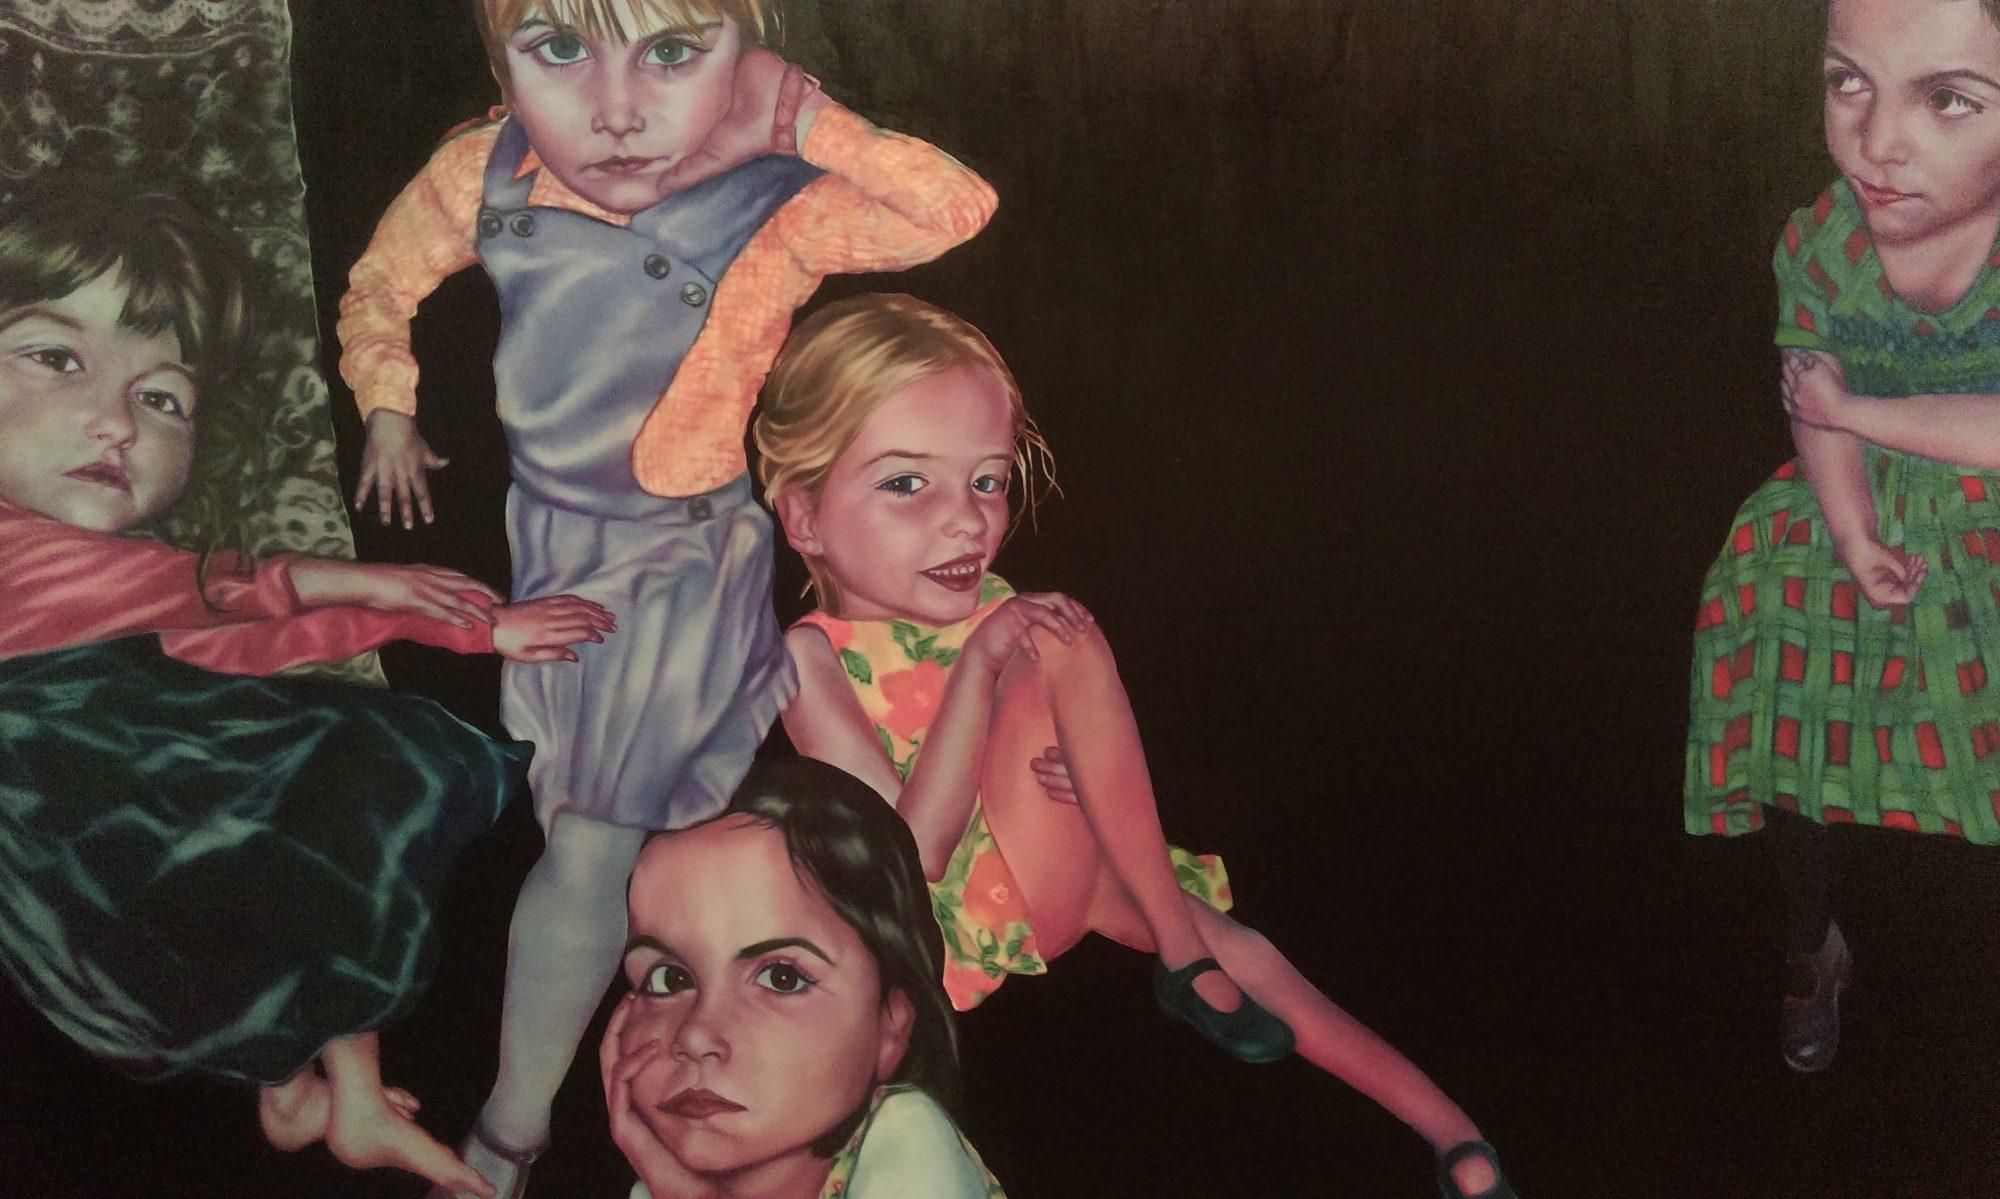 De worstelingen van een kindvrij bestaan